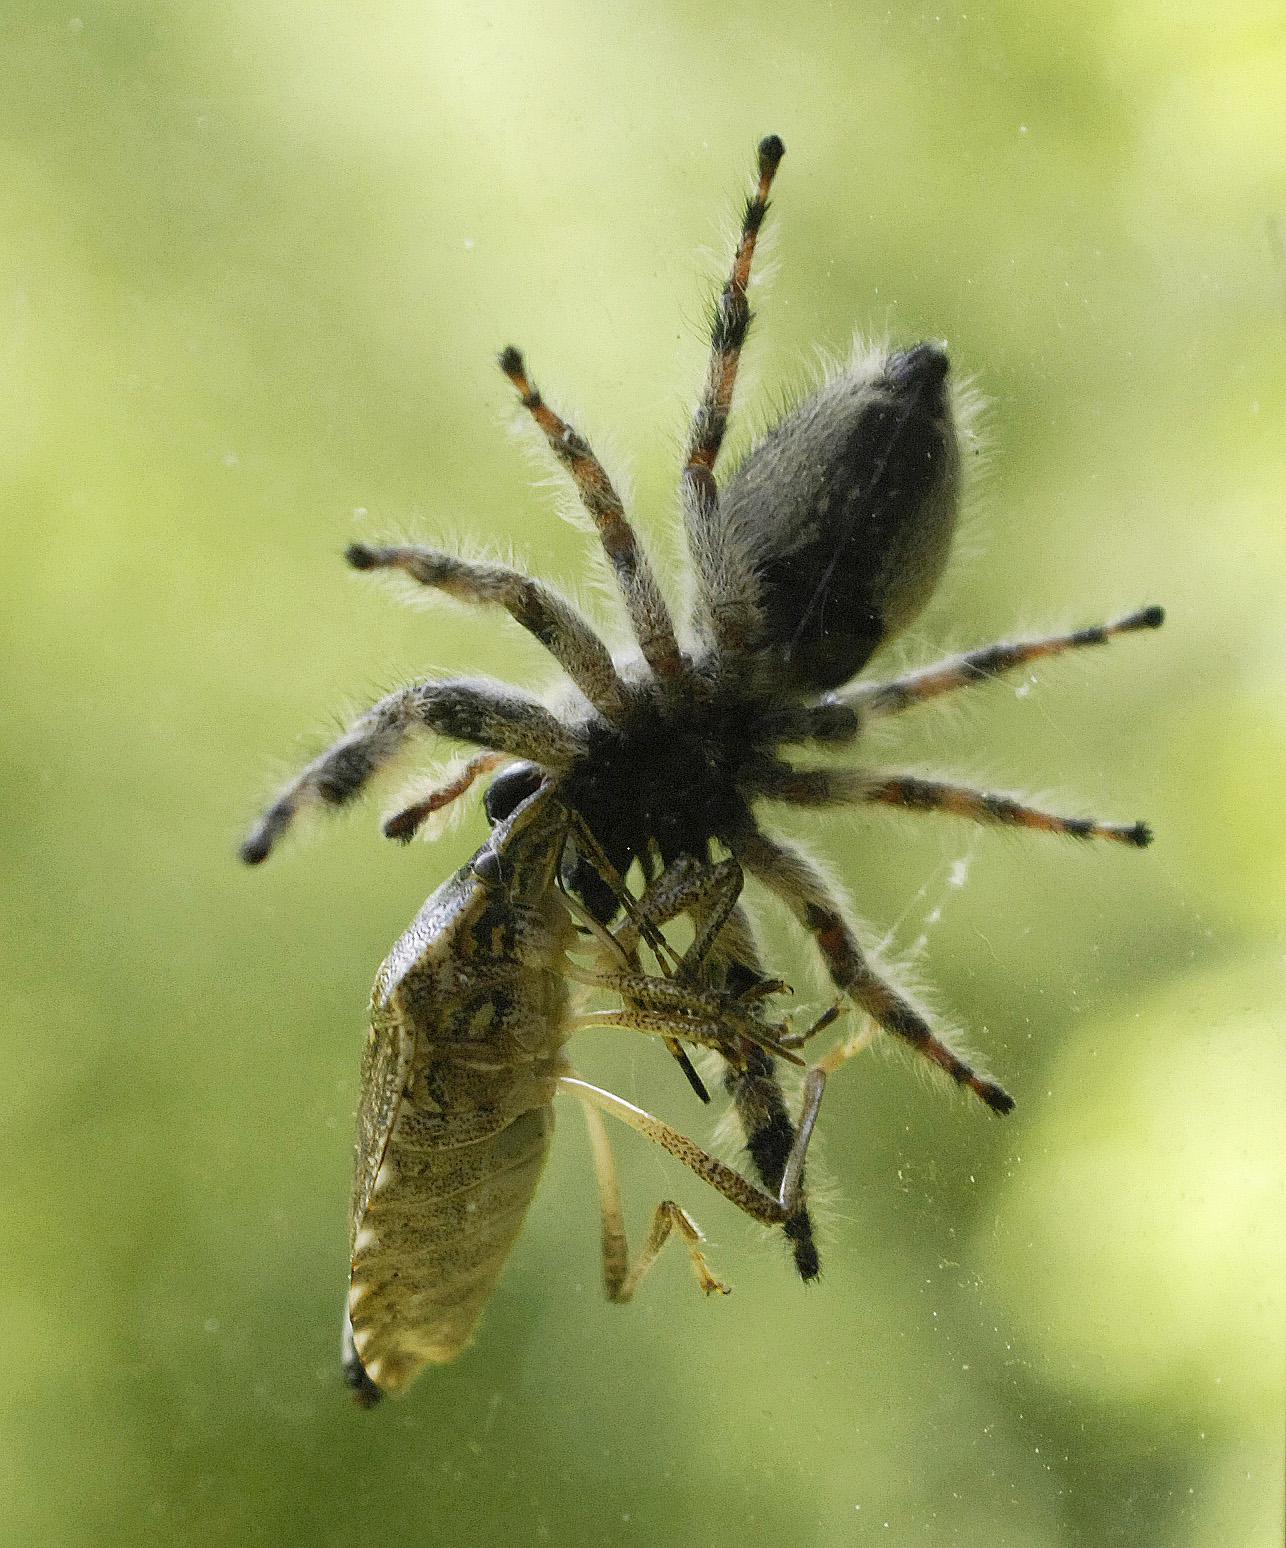 spider-stinkbug